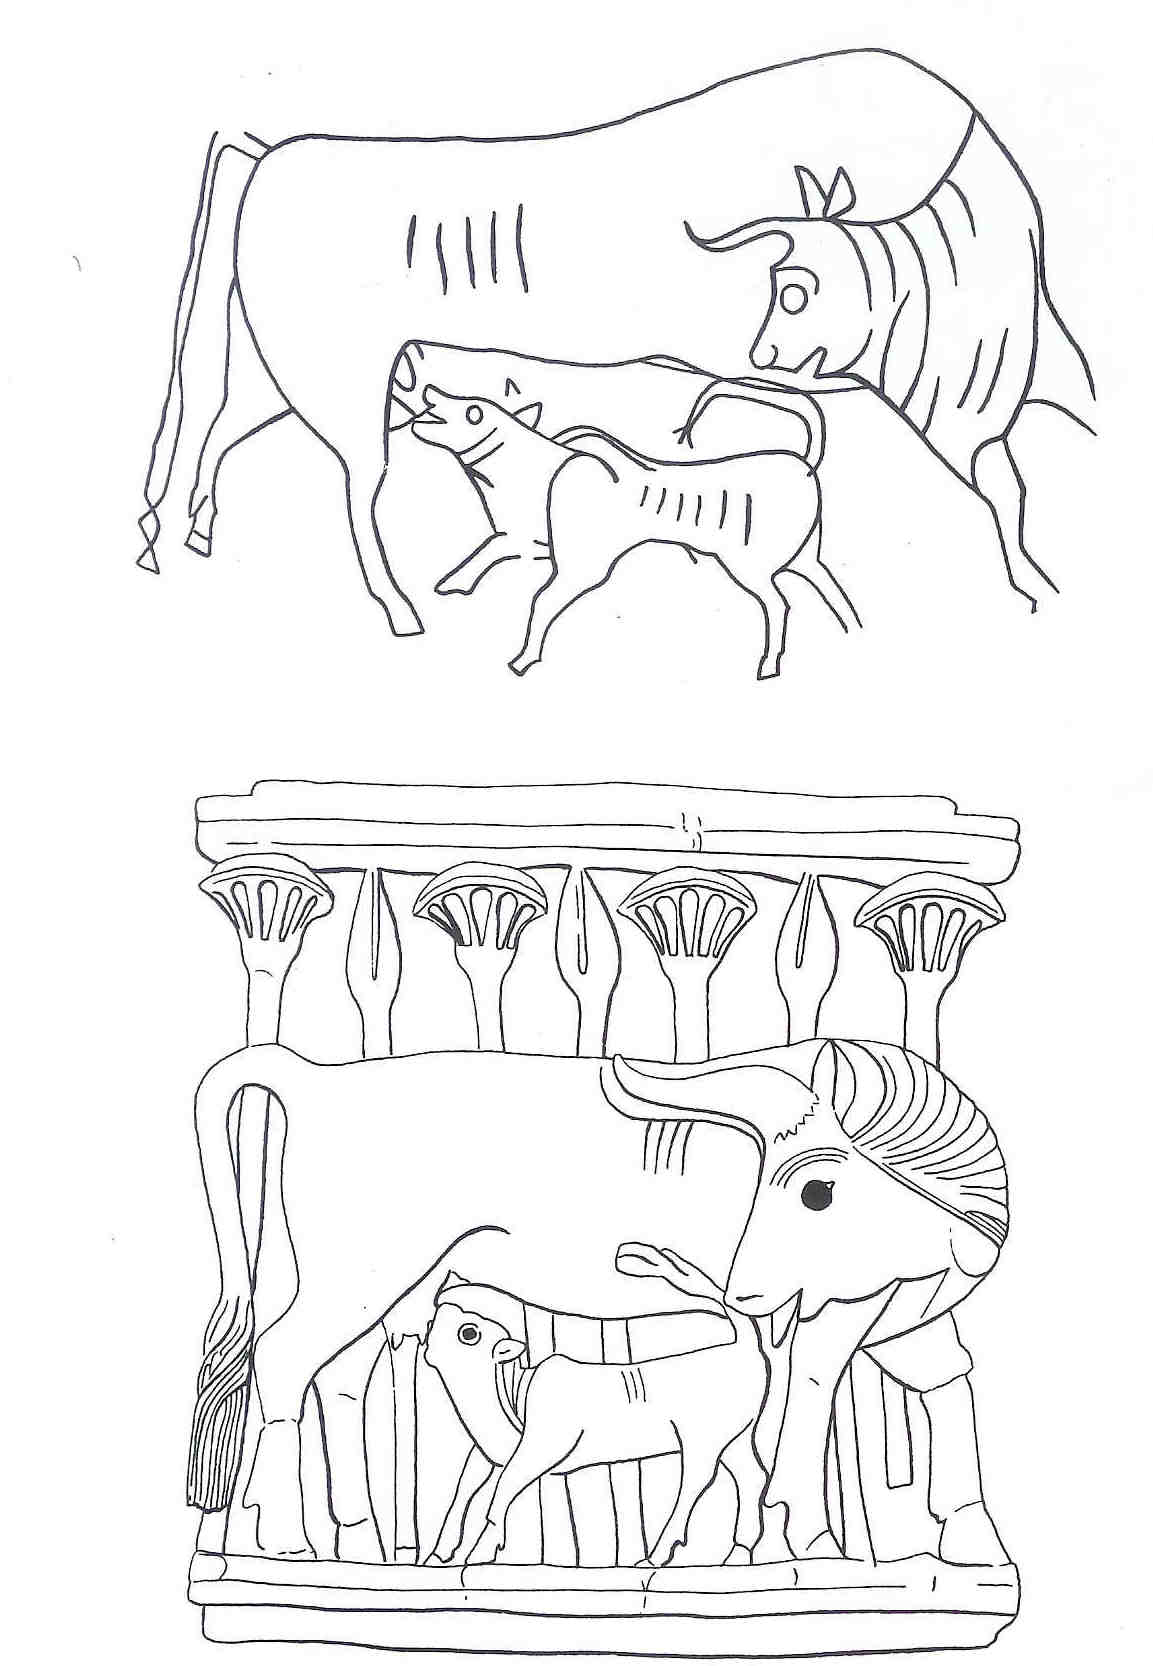 Schets. Onderste beeld is schets van bovenstaande afbeelding van heilige koe met haar kalf.